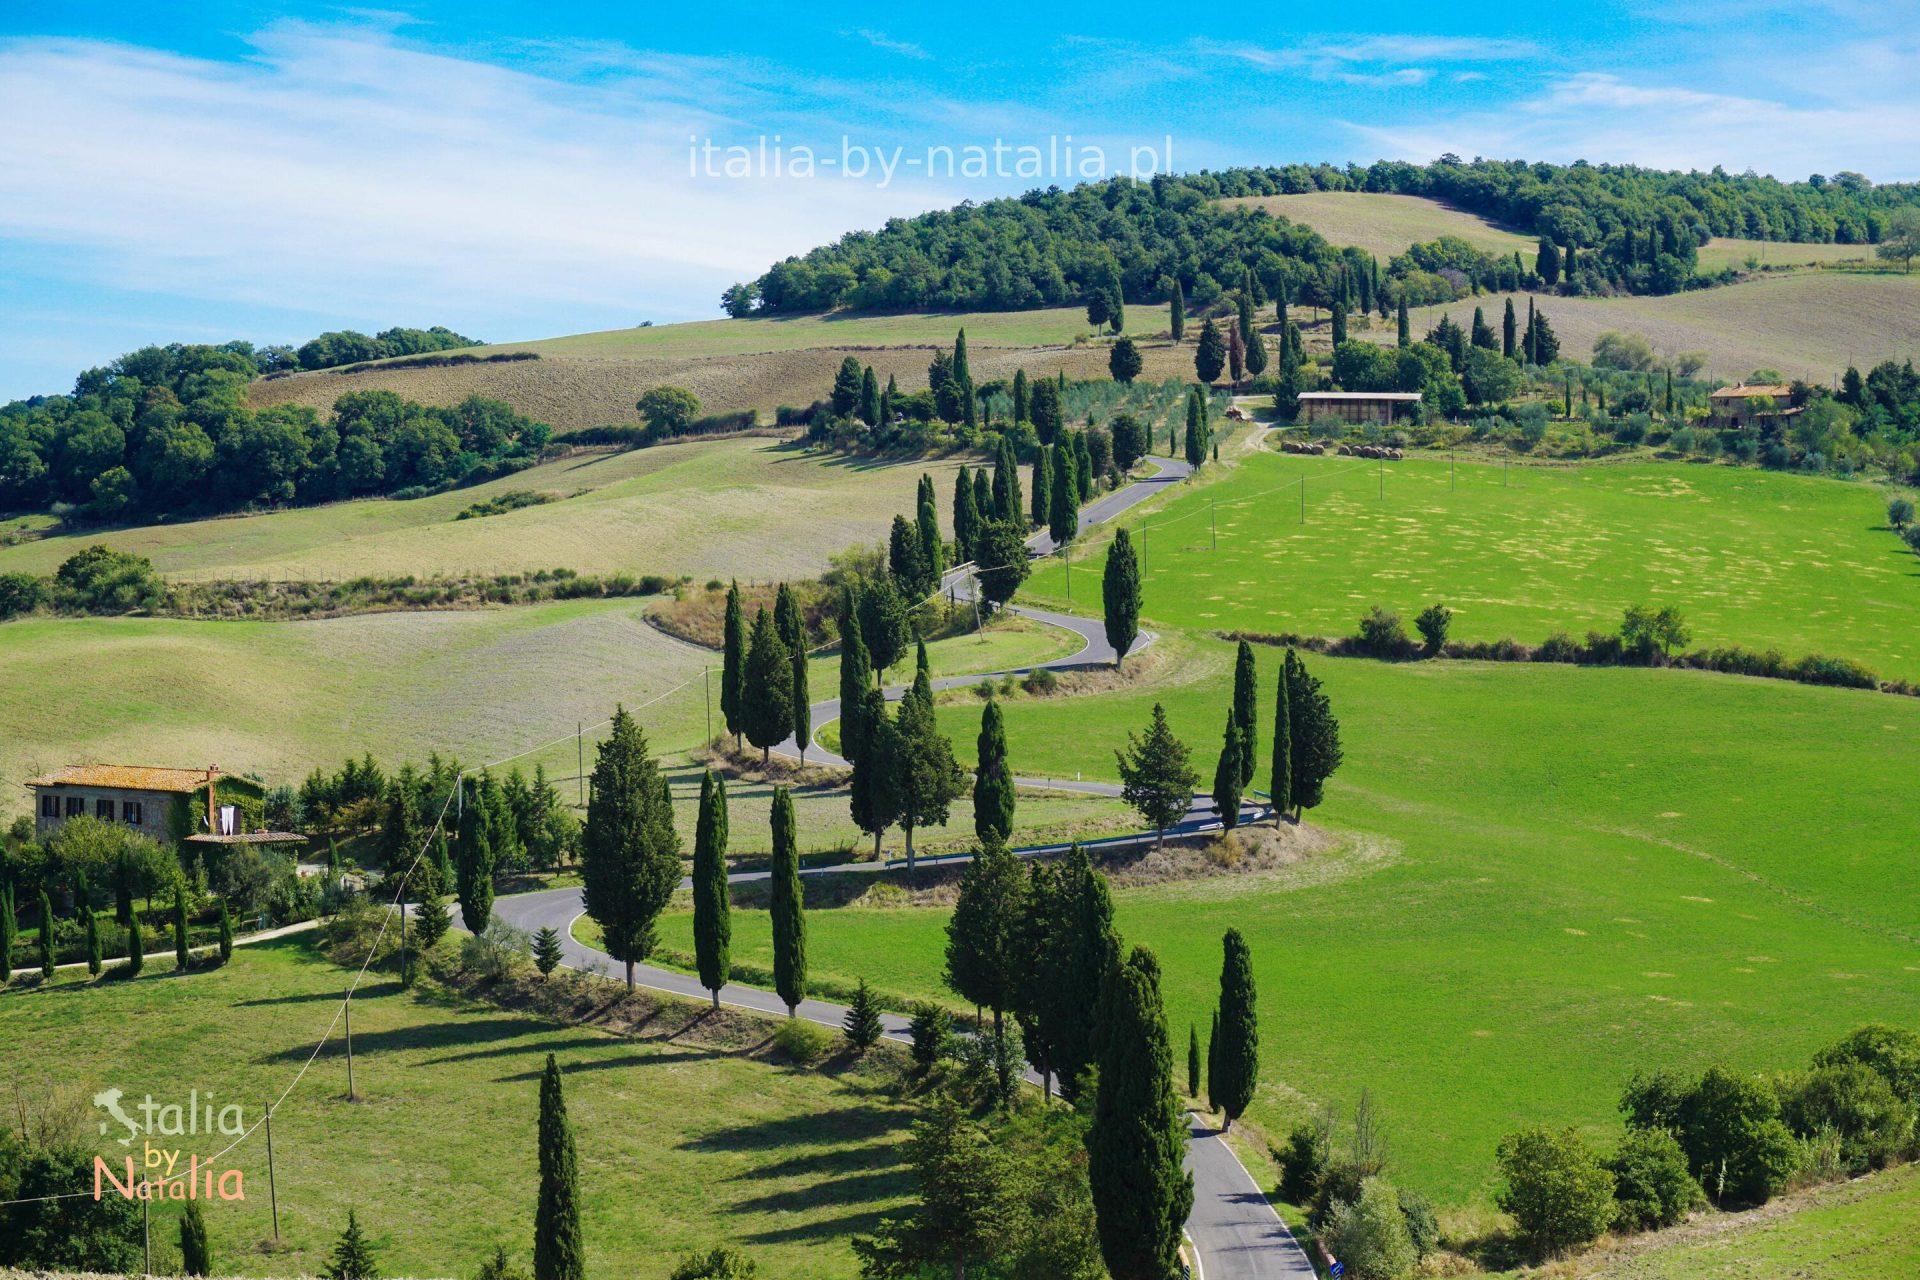 wlochy jesienią monticchiello cyprysowa droga toskania val d'orcia tuscany italy cypresses road